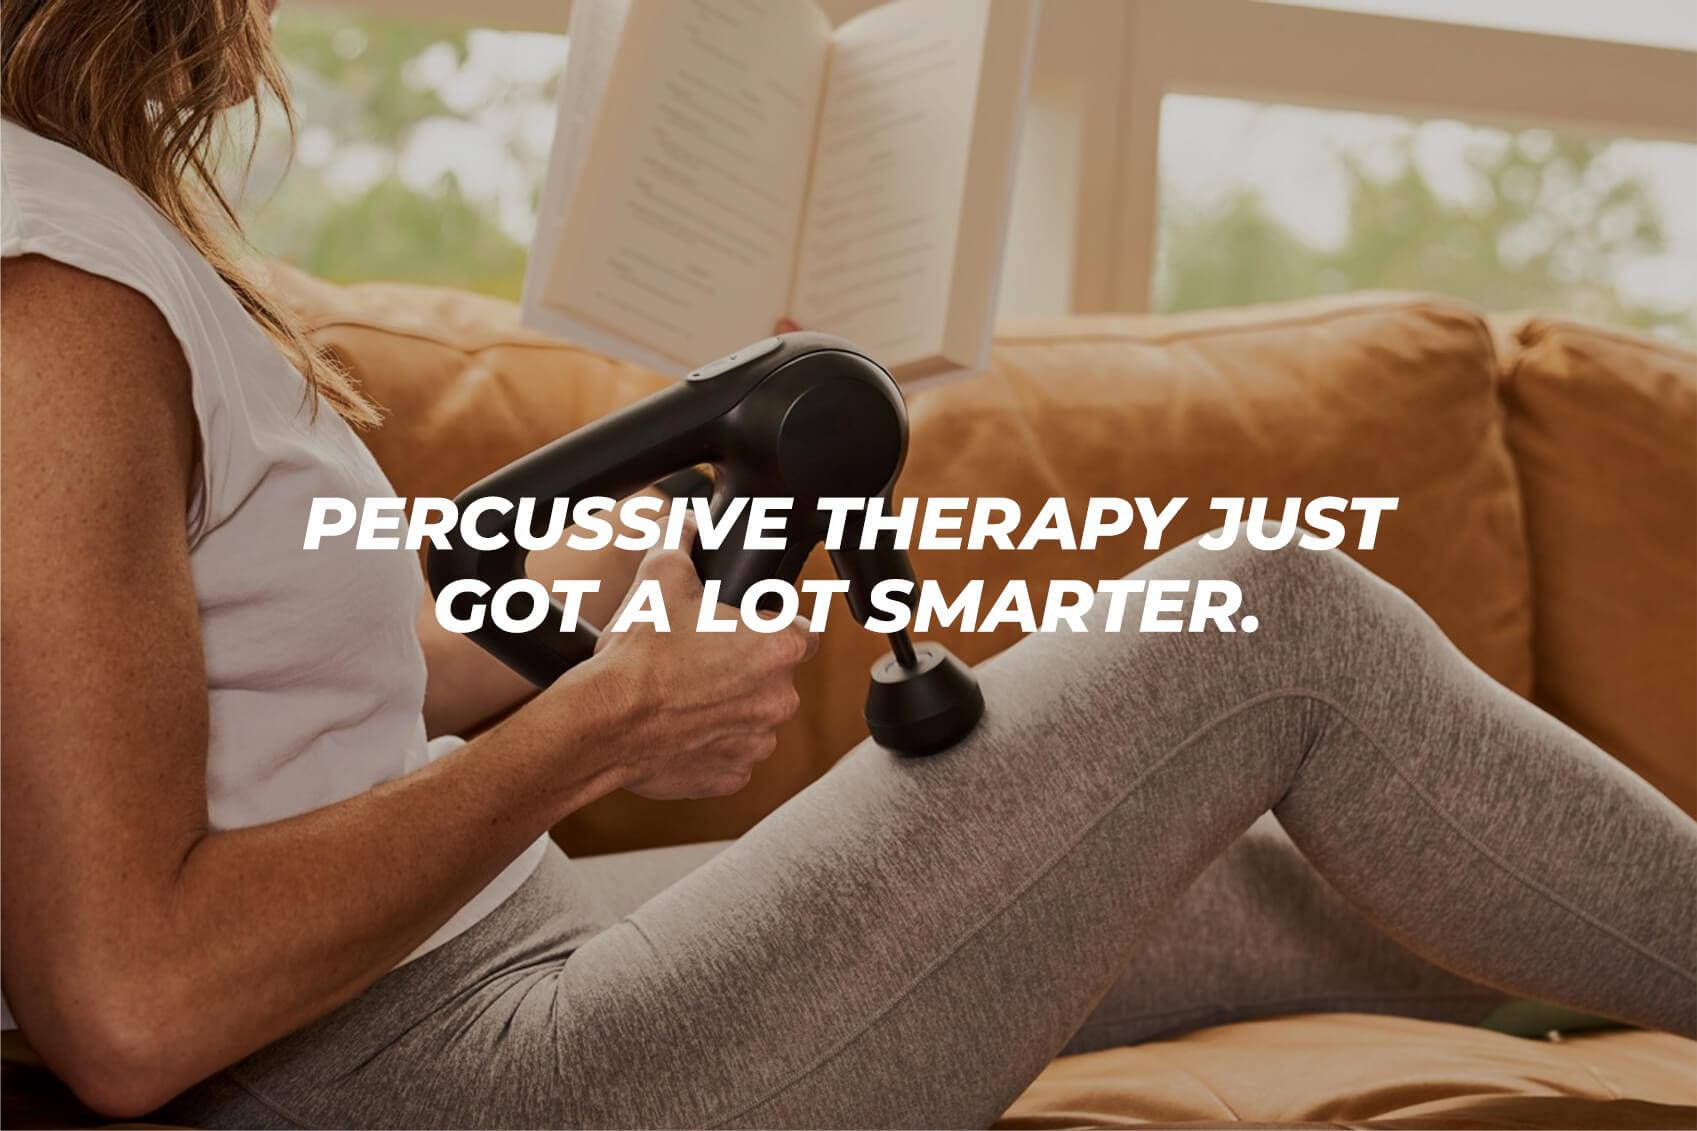 theragun prime percussive therapy just got smarter